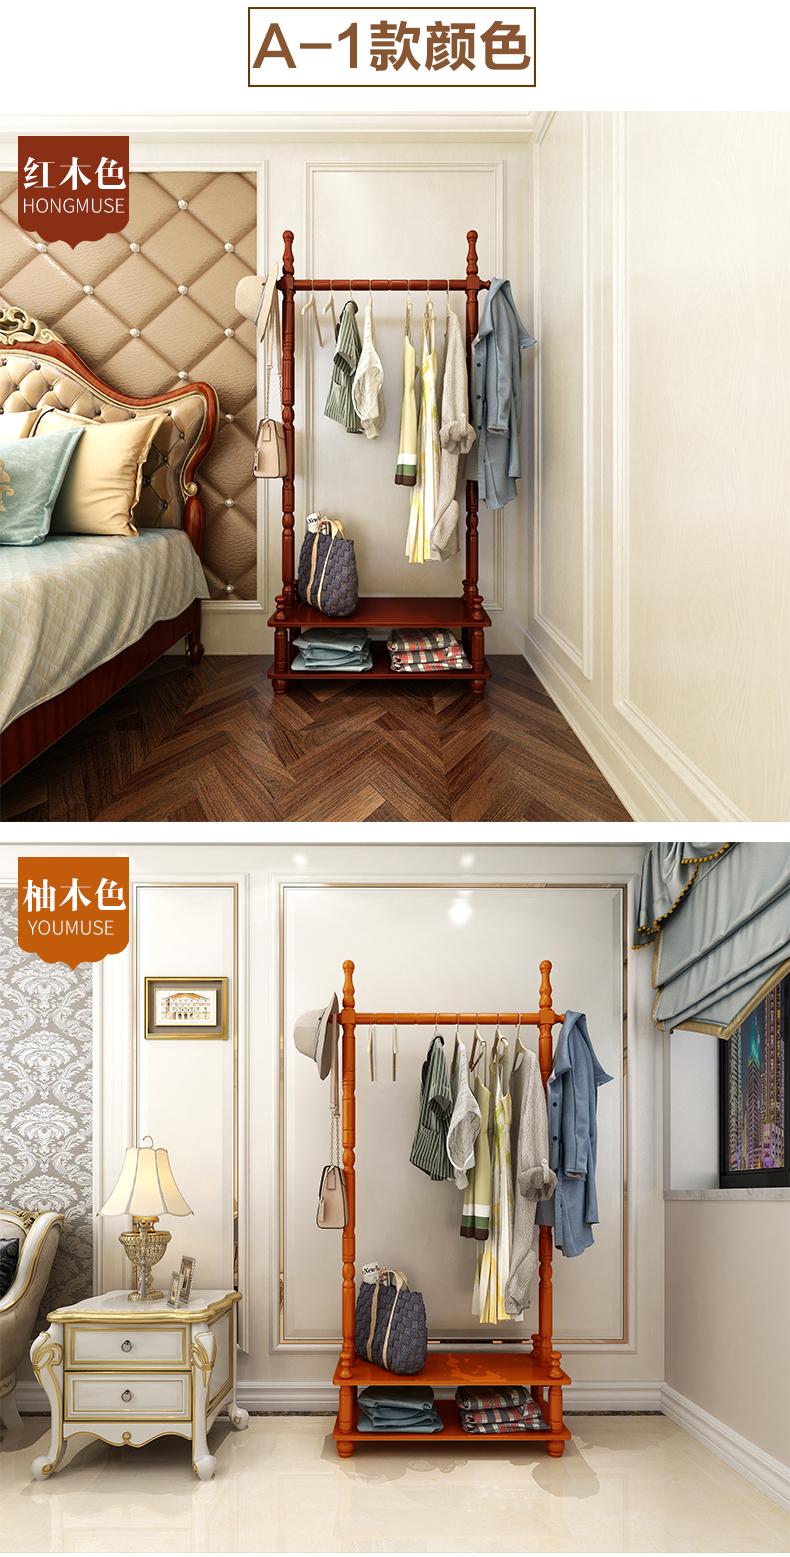 挂衣架置物架挂衣杆衣帽架落地实木简约现代欧式衣架落地家用卧室详细照片